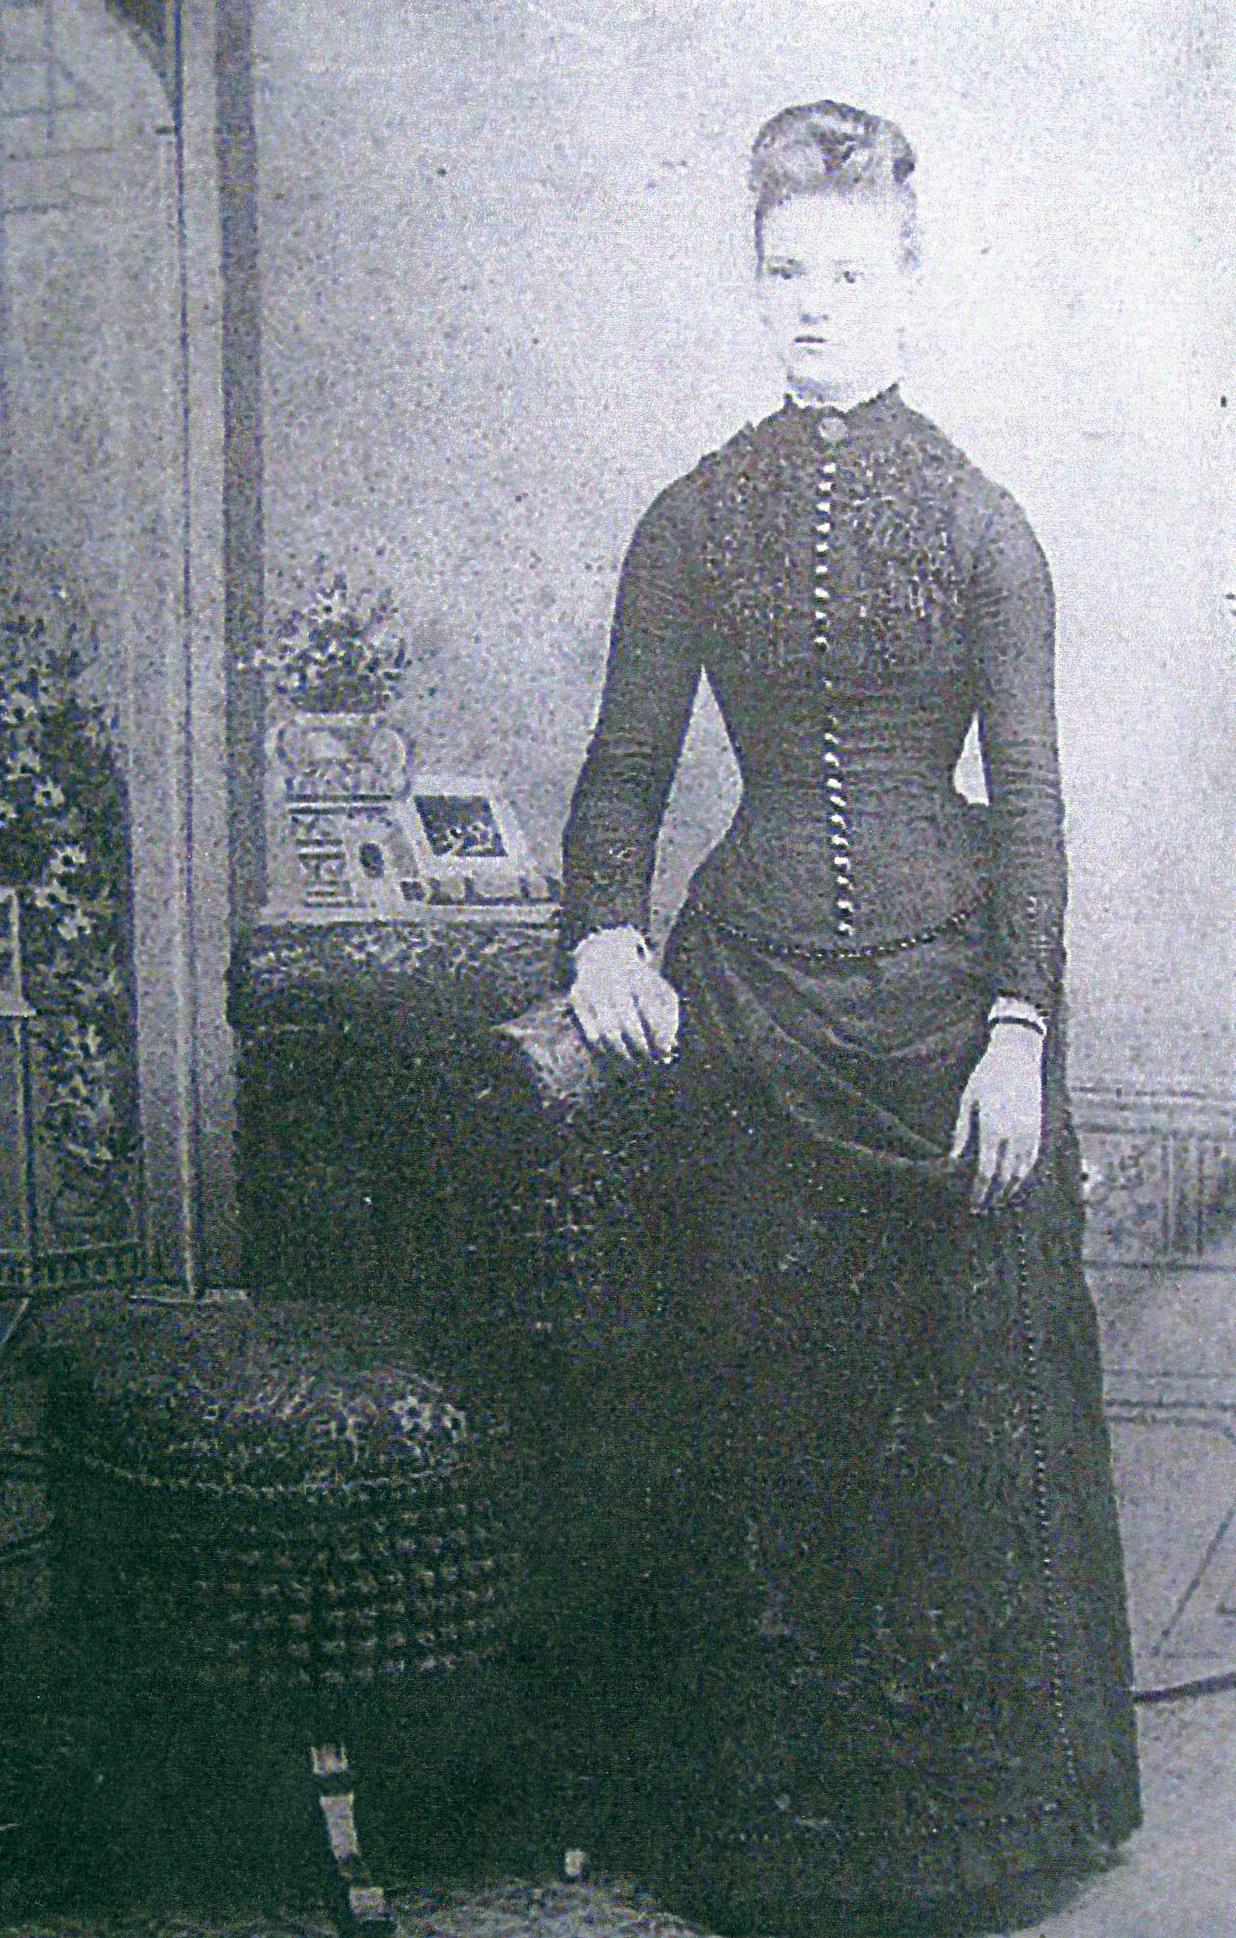 Levisa Chafin